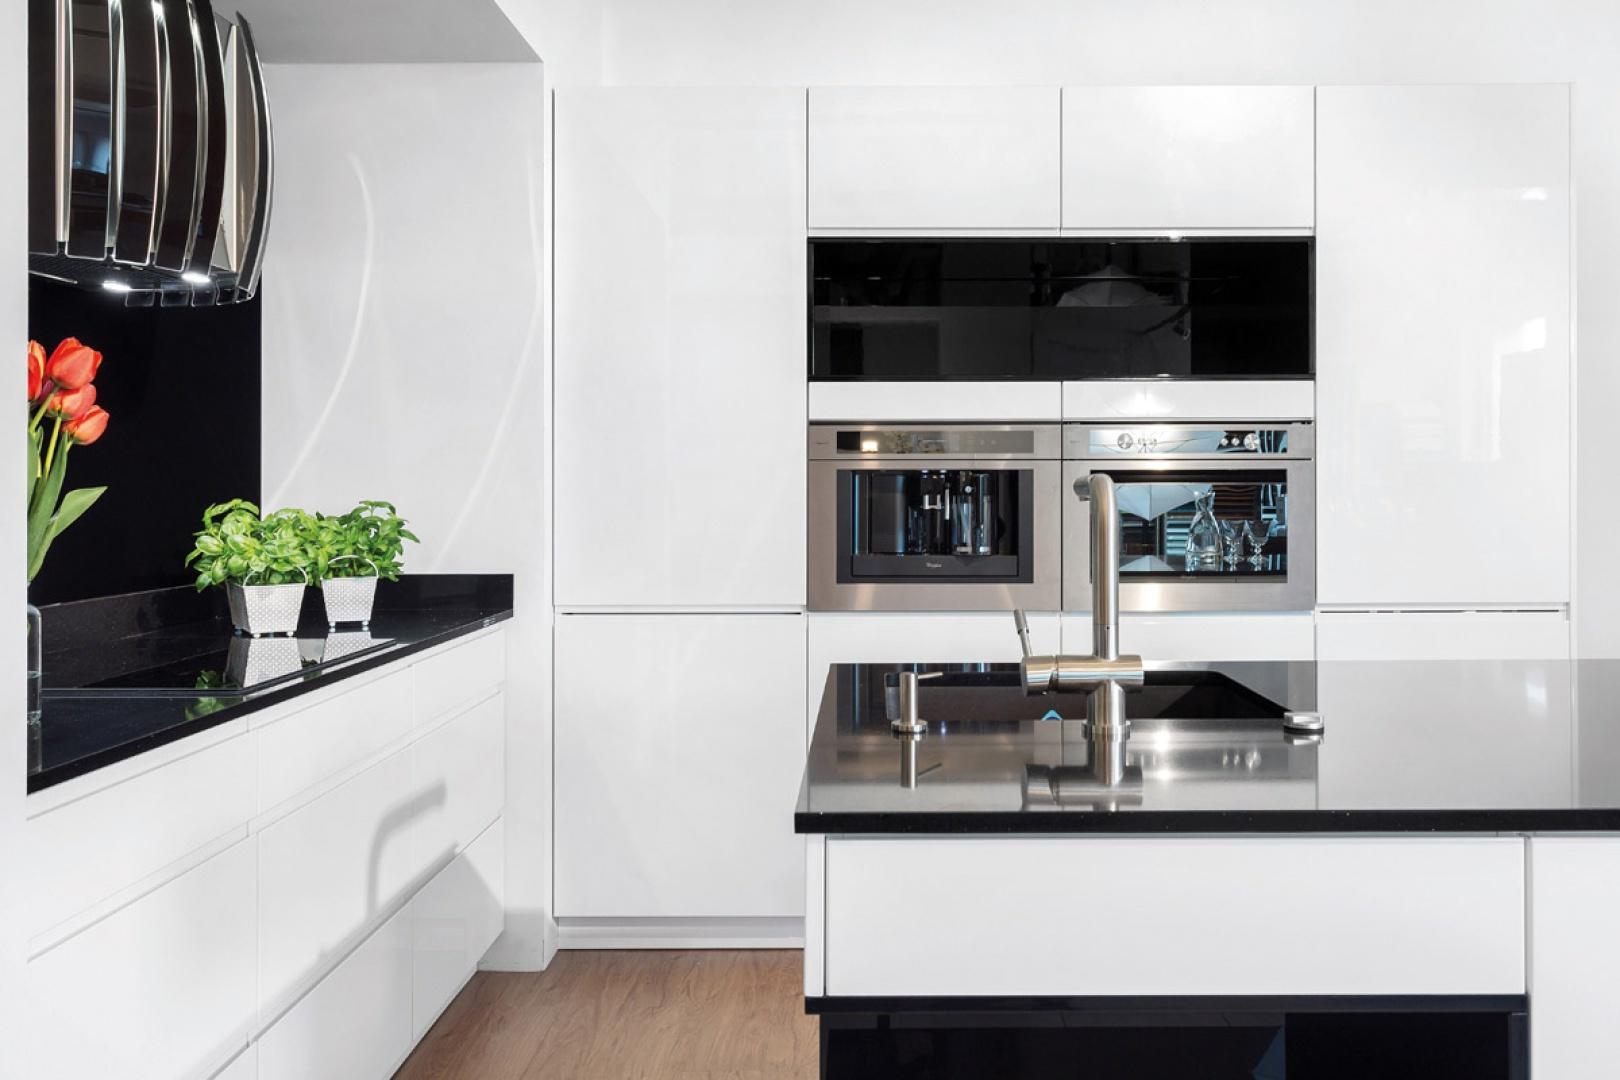 Biała kuchnia Fot Studio Piękna biała kuchnia   -> Kuchnia Bialo Czarna Jaki Blat